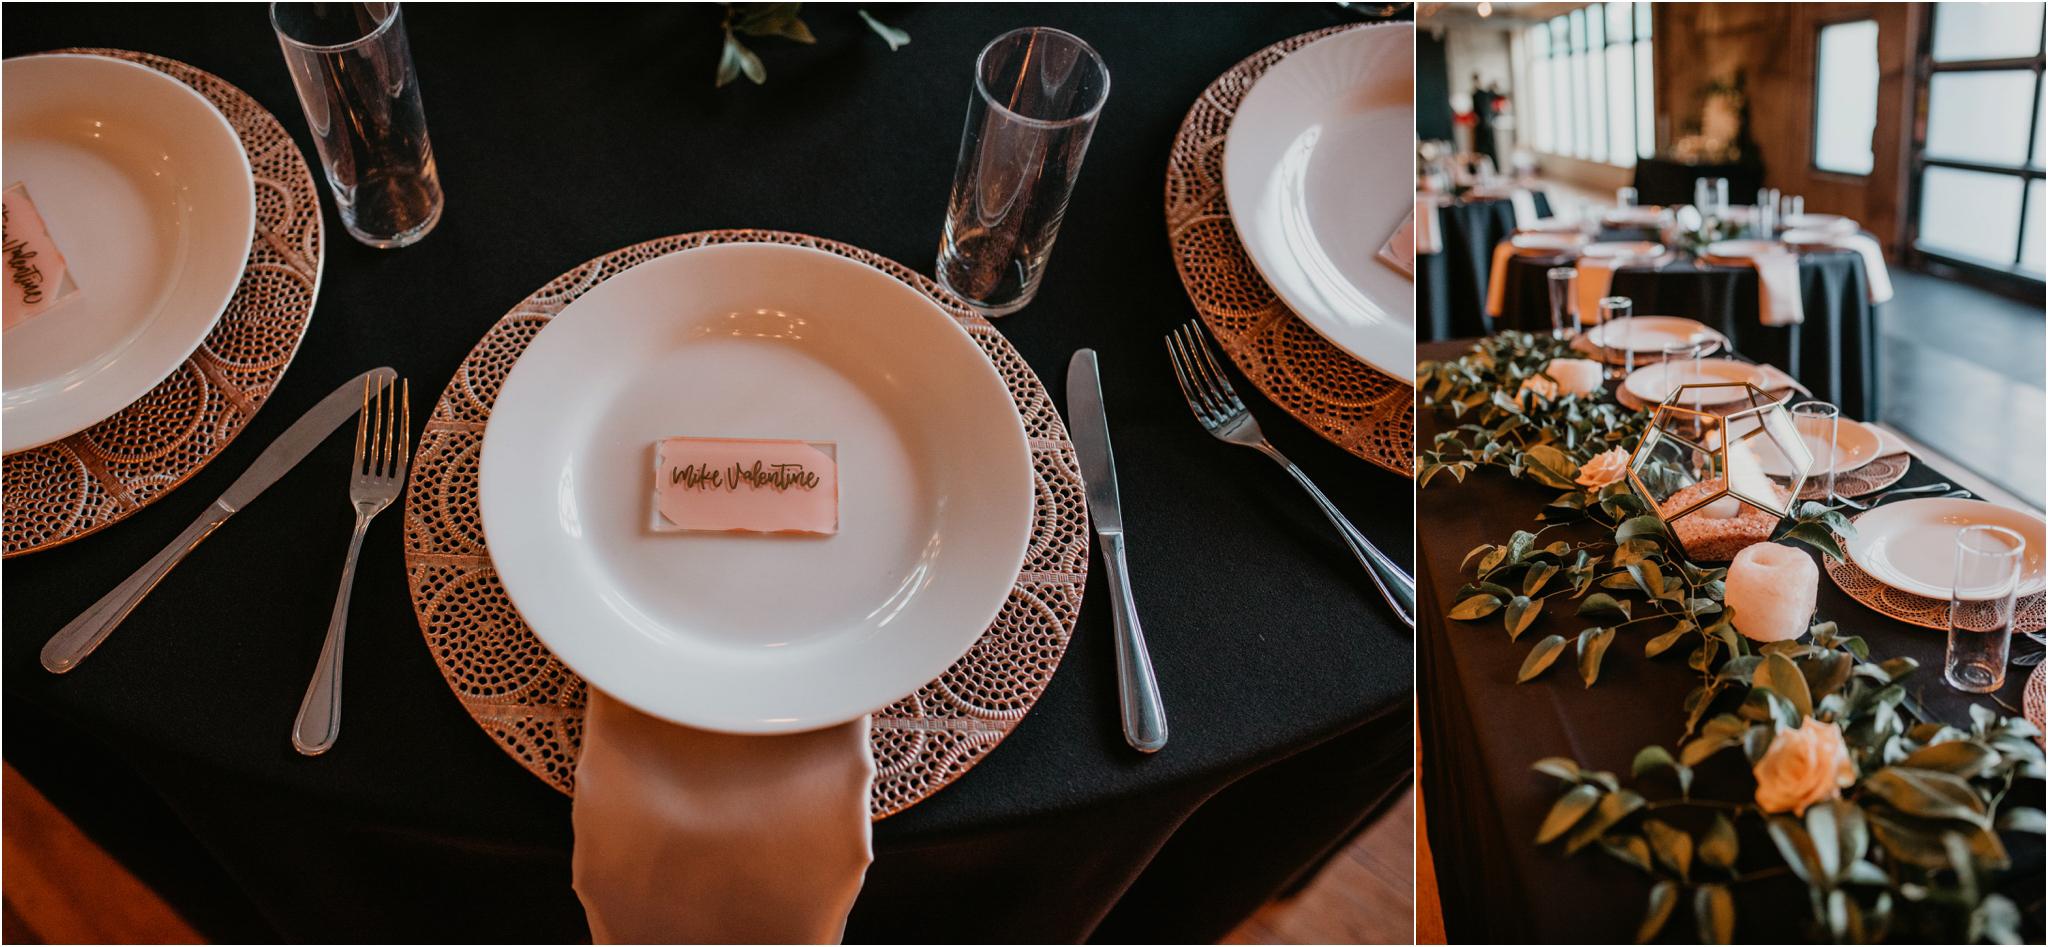 ashley-and-david-fremont-foundry-seattle-washington-wedding-photographer-105.jpg